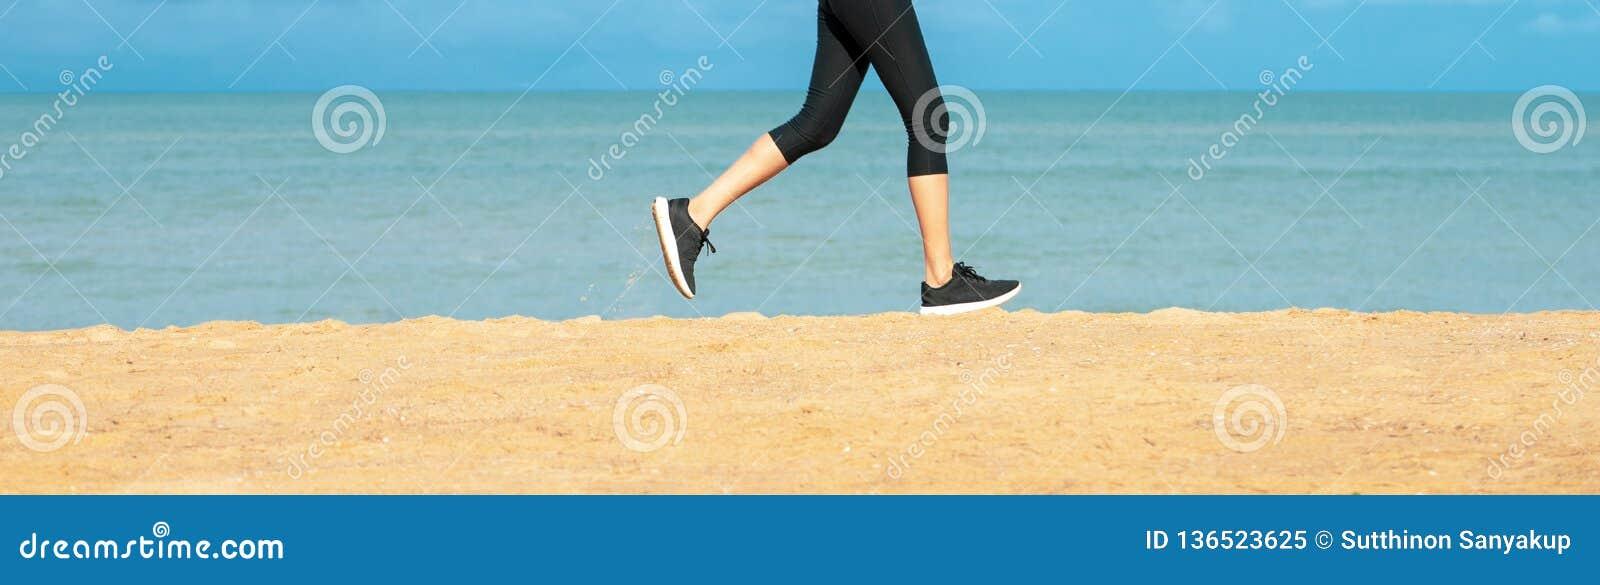 Femme courant Turbine femelle courant pendant la séance d entraînement extérieure sur la plage Modèle de forme physique à l extér